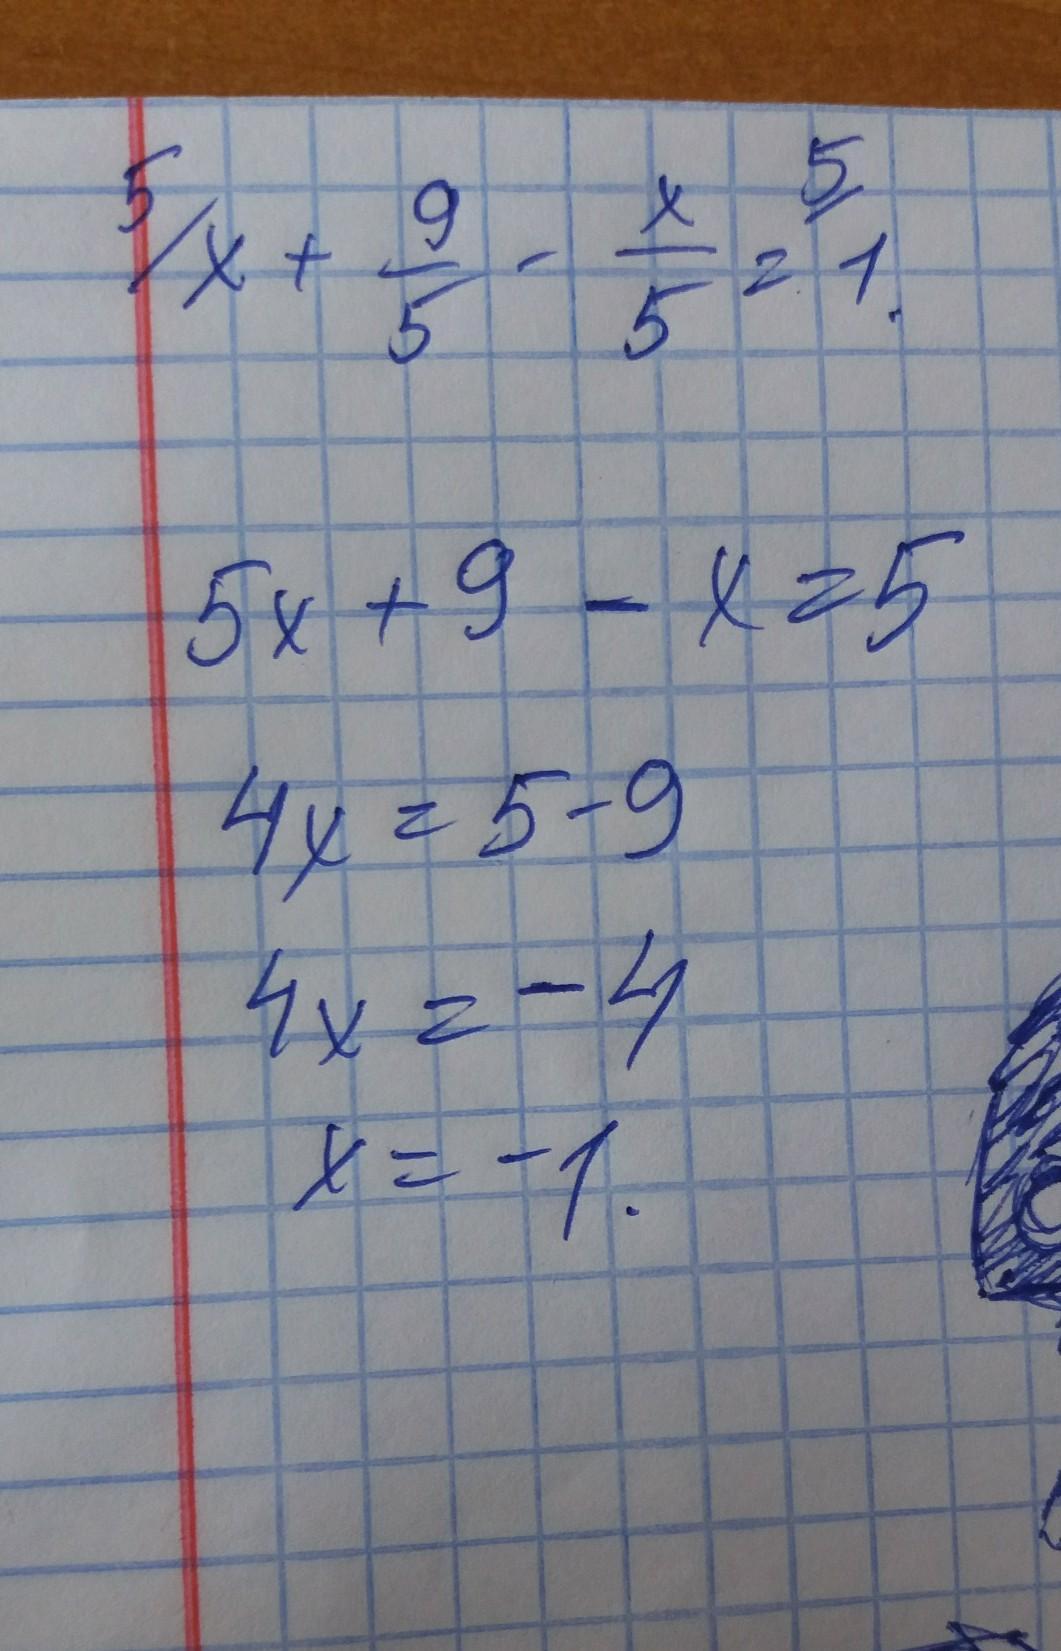 Нужно решить уравнение, пожалуйста. х+9/5 - х/5=1